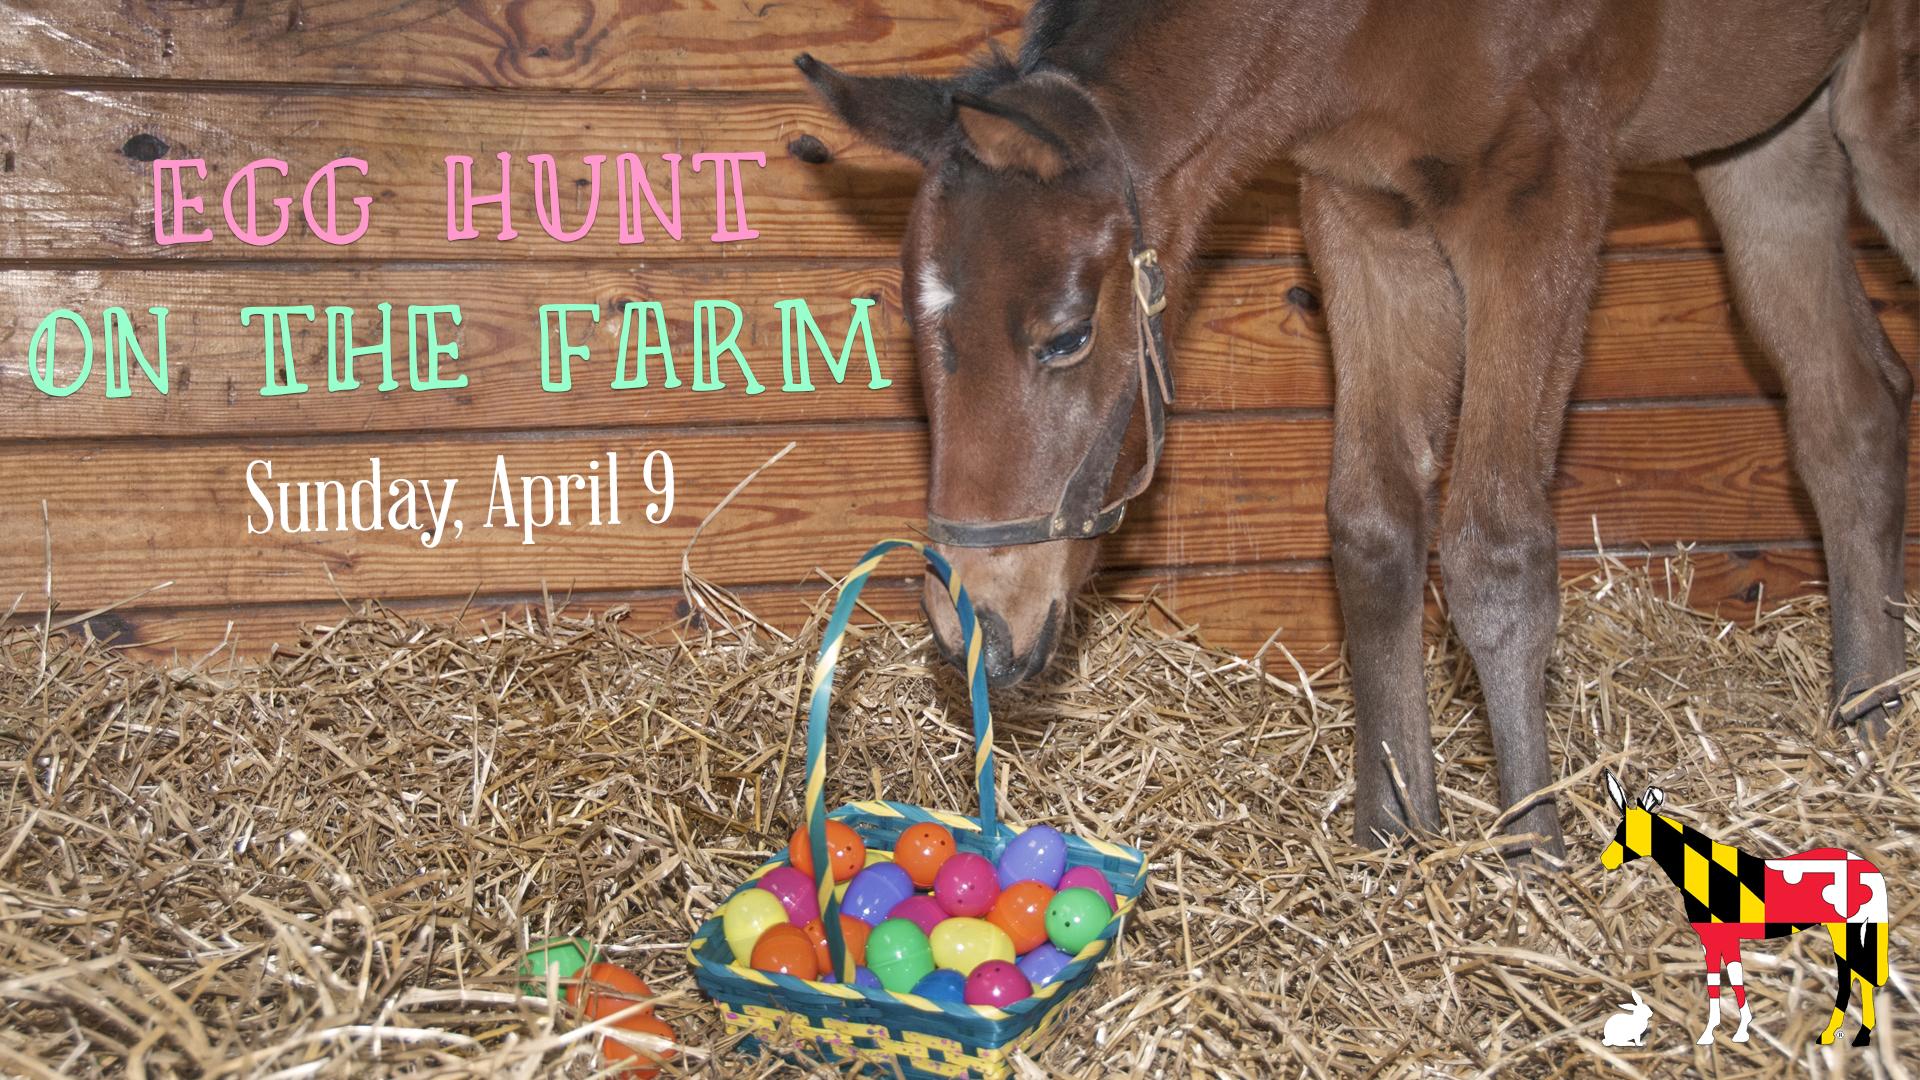 Egg Hunt on the Farm